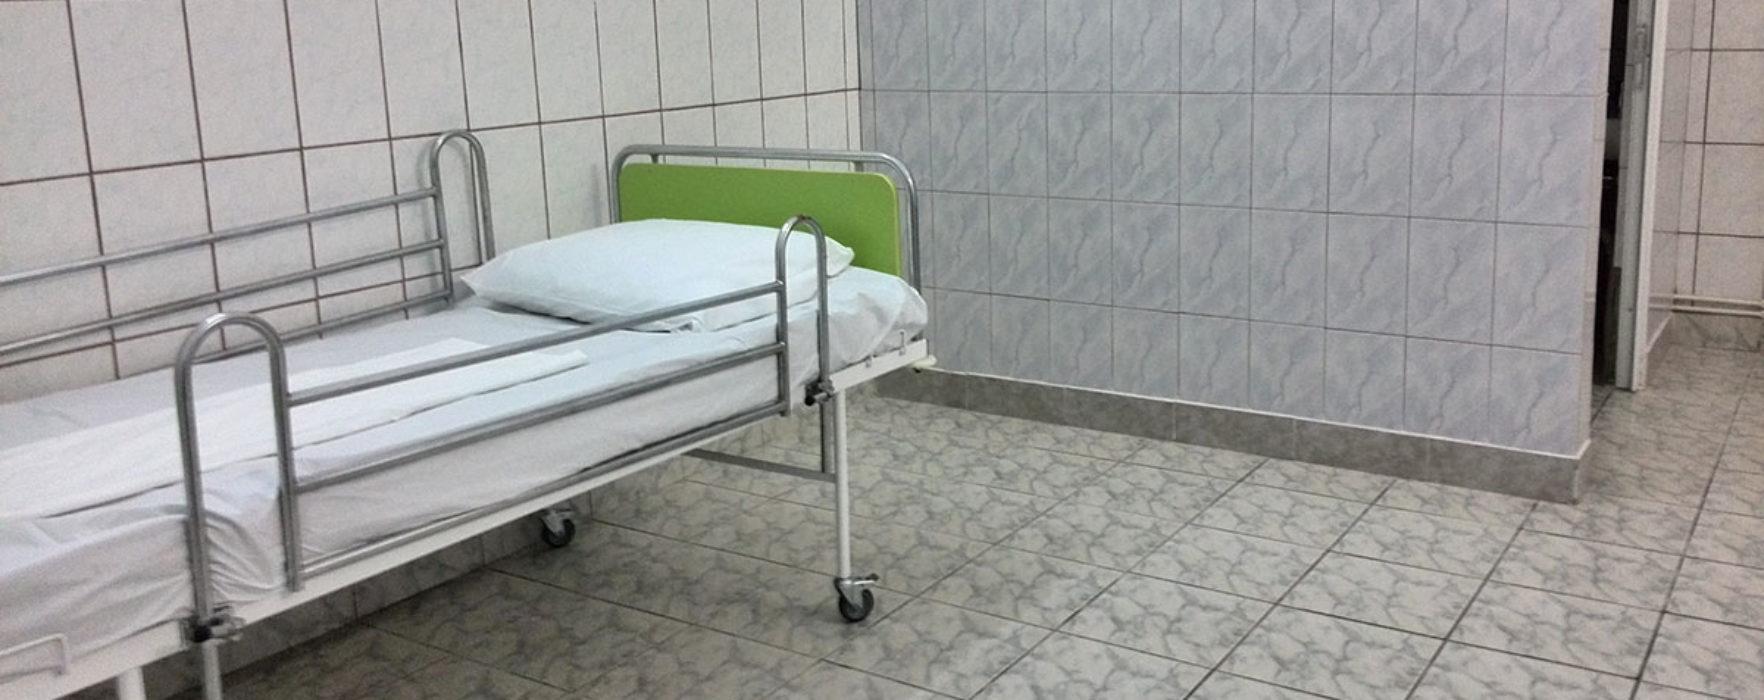 Dâmboviţa: Deficit de medici la Spitalul Judeţean Târgovişte, în special la Urgenţe, Imagistică şi Nefrologie